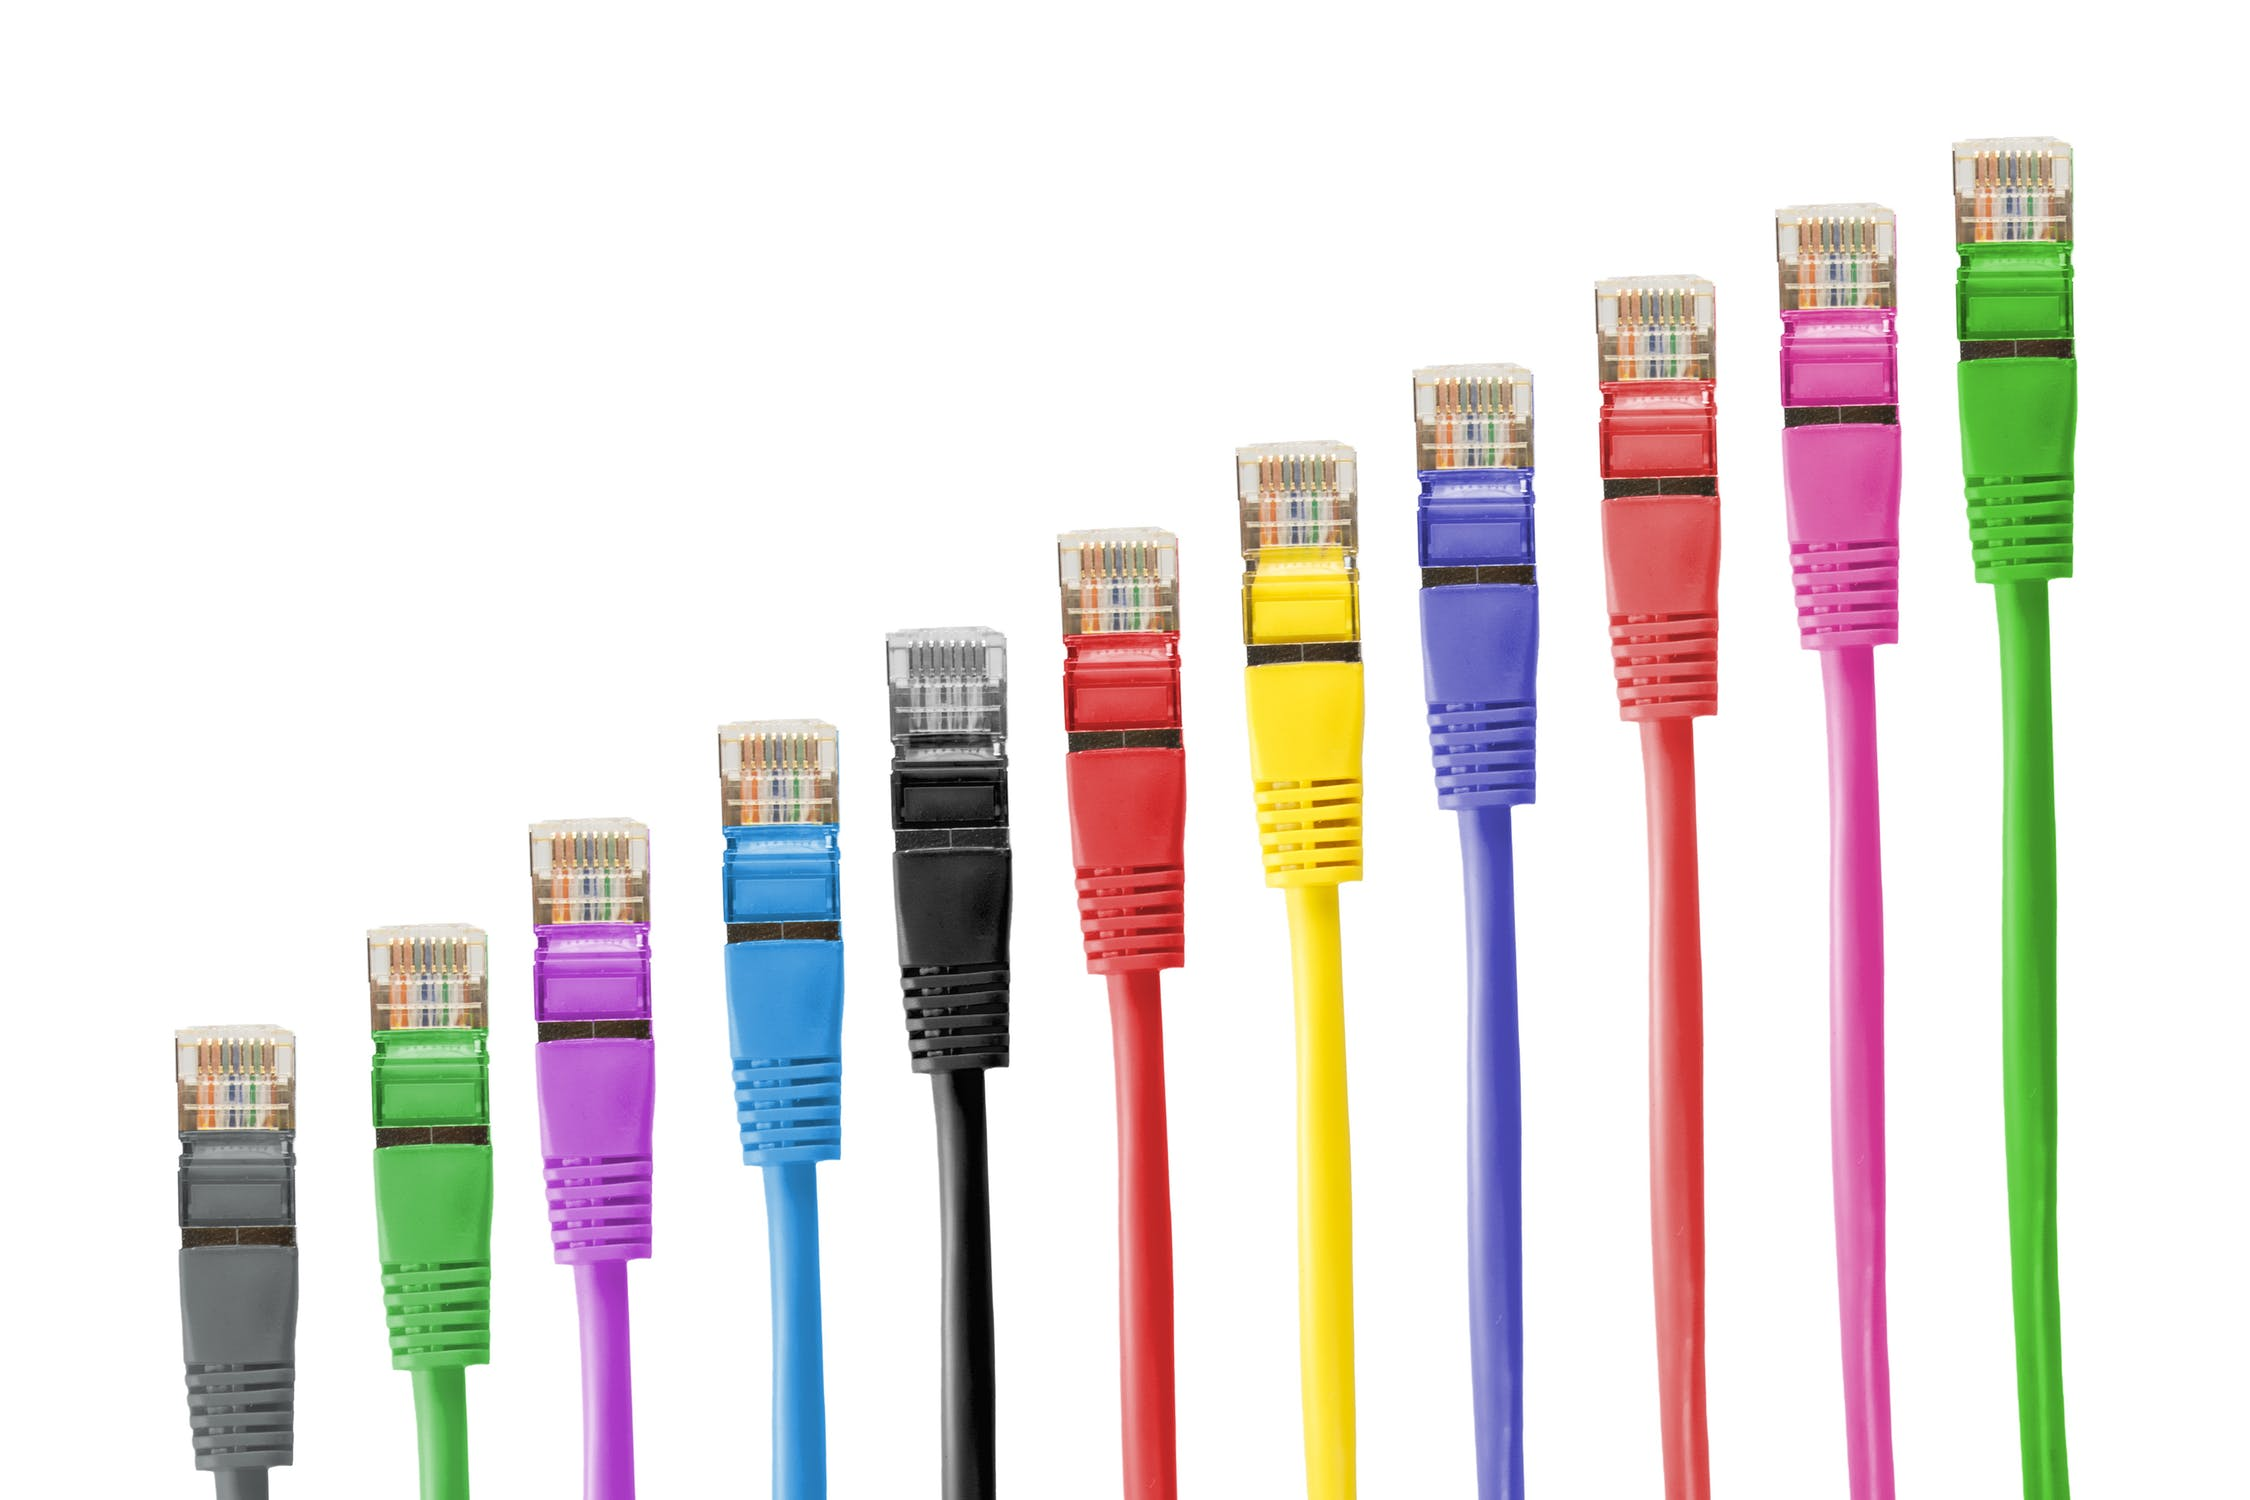 kto daje najszybszy internet